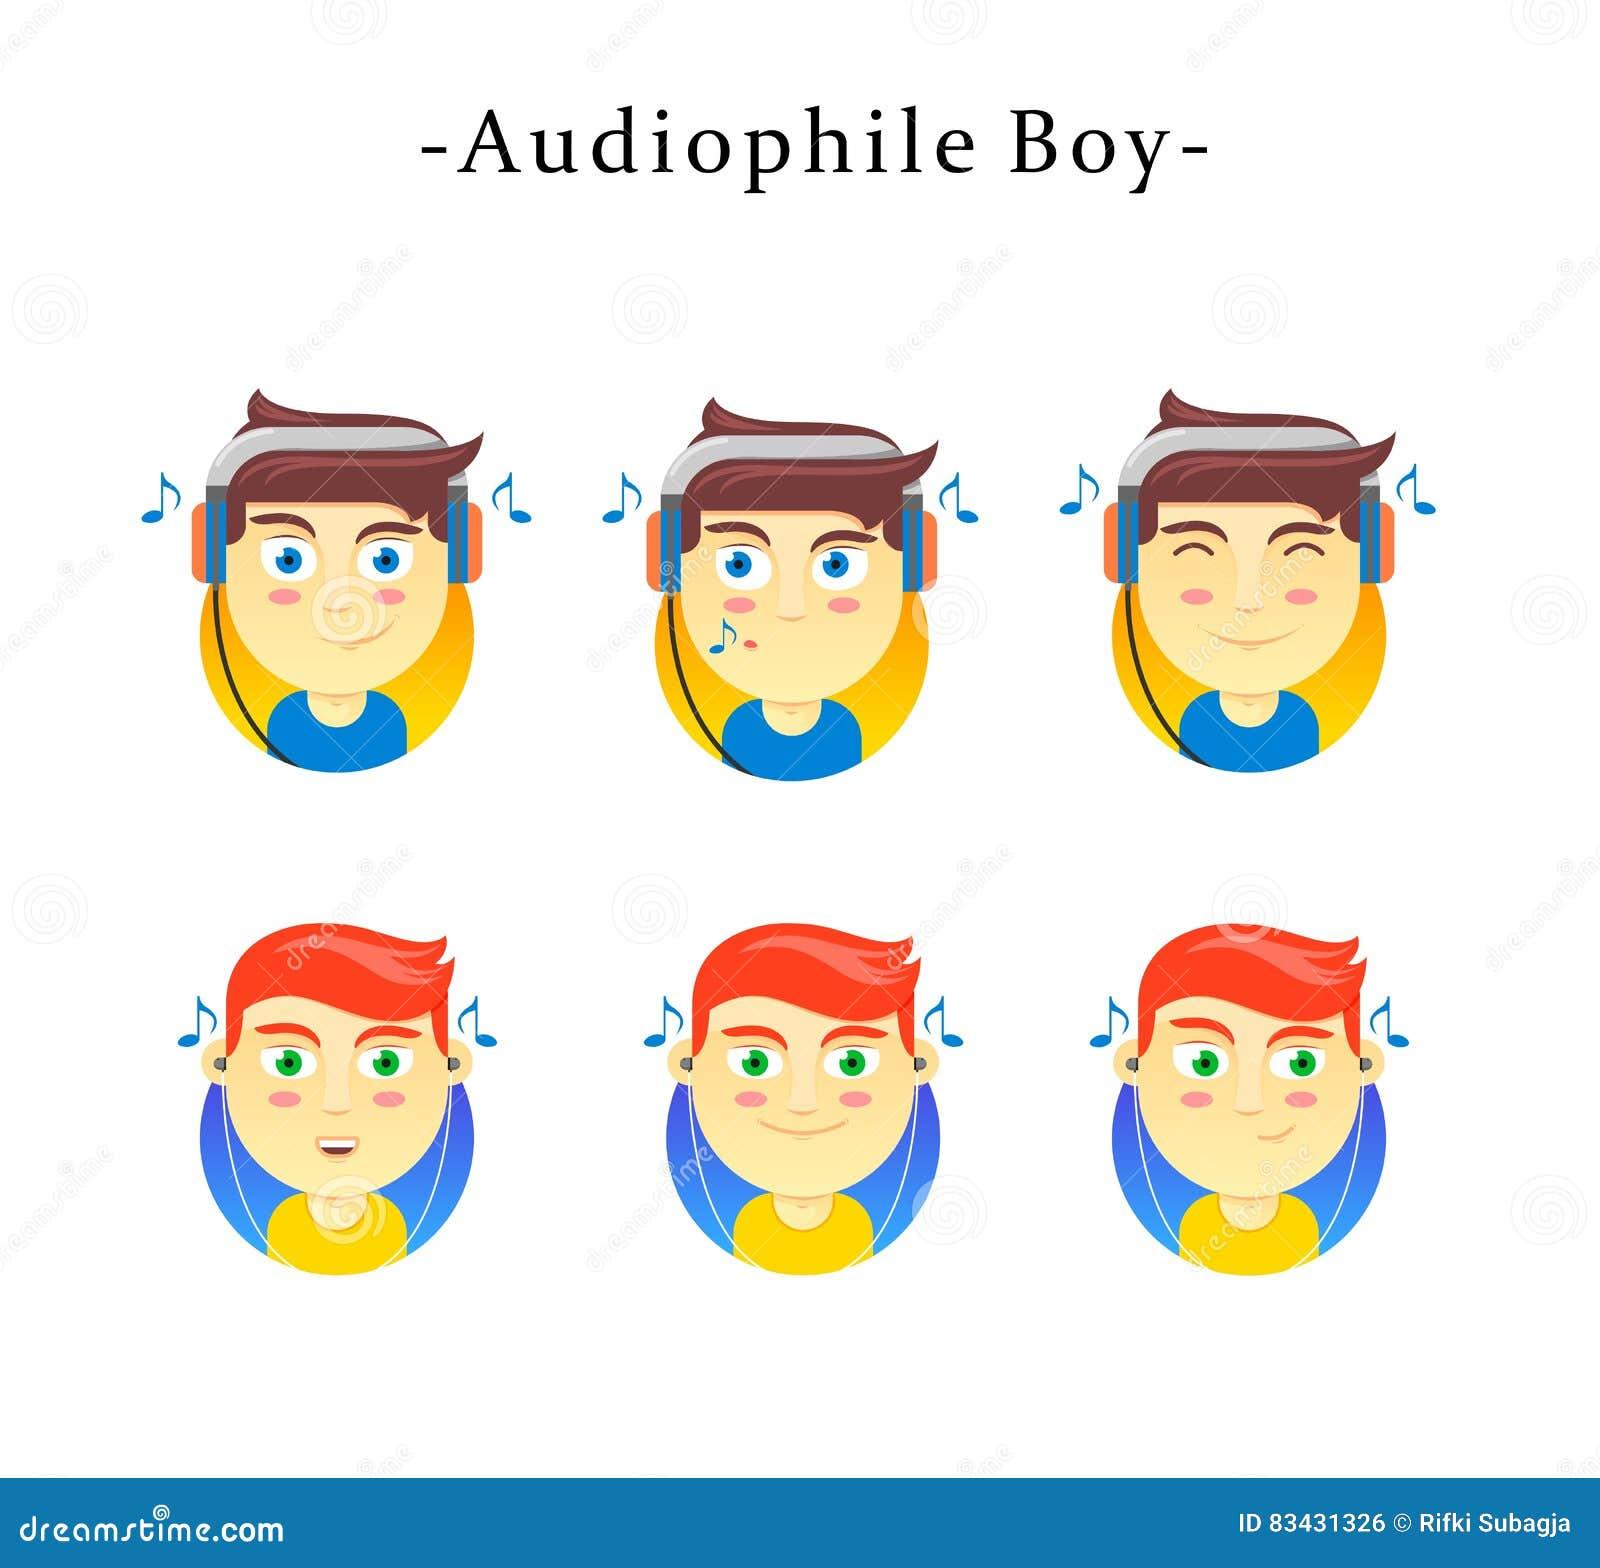 Audiophile Boy